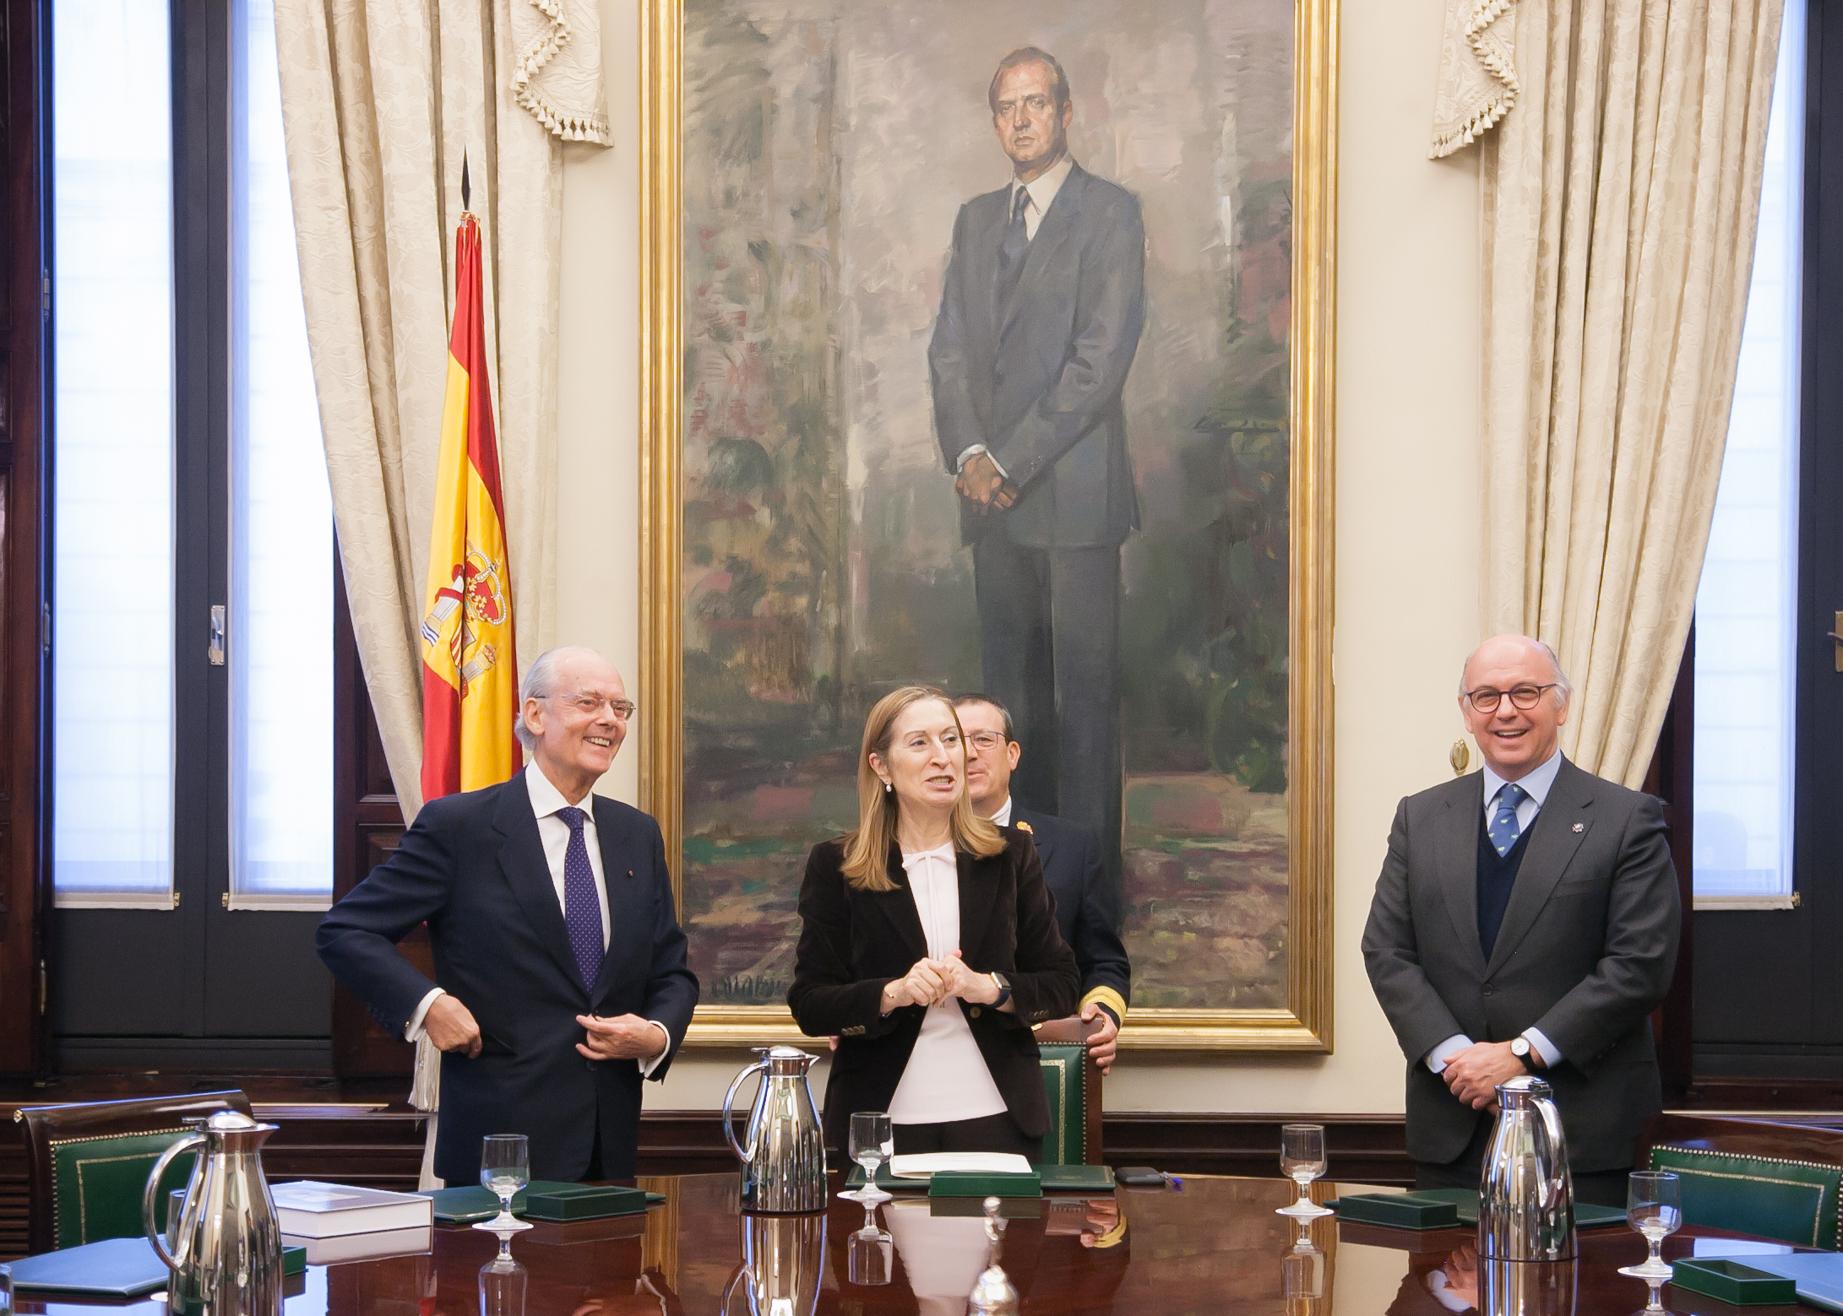 El Homenaje Universal al Idioma Español en el Congreso de los Diputados